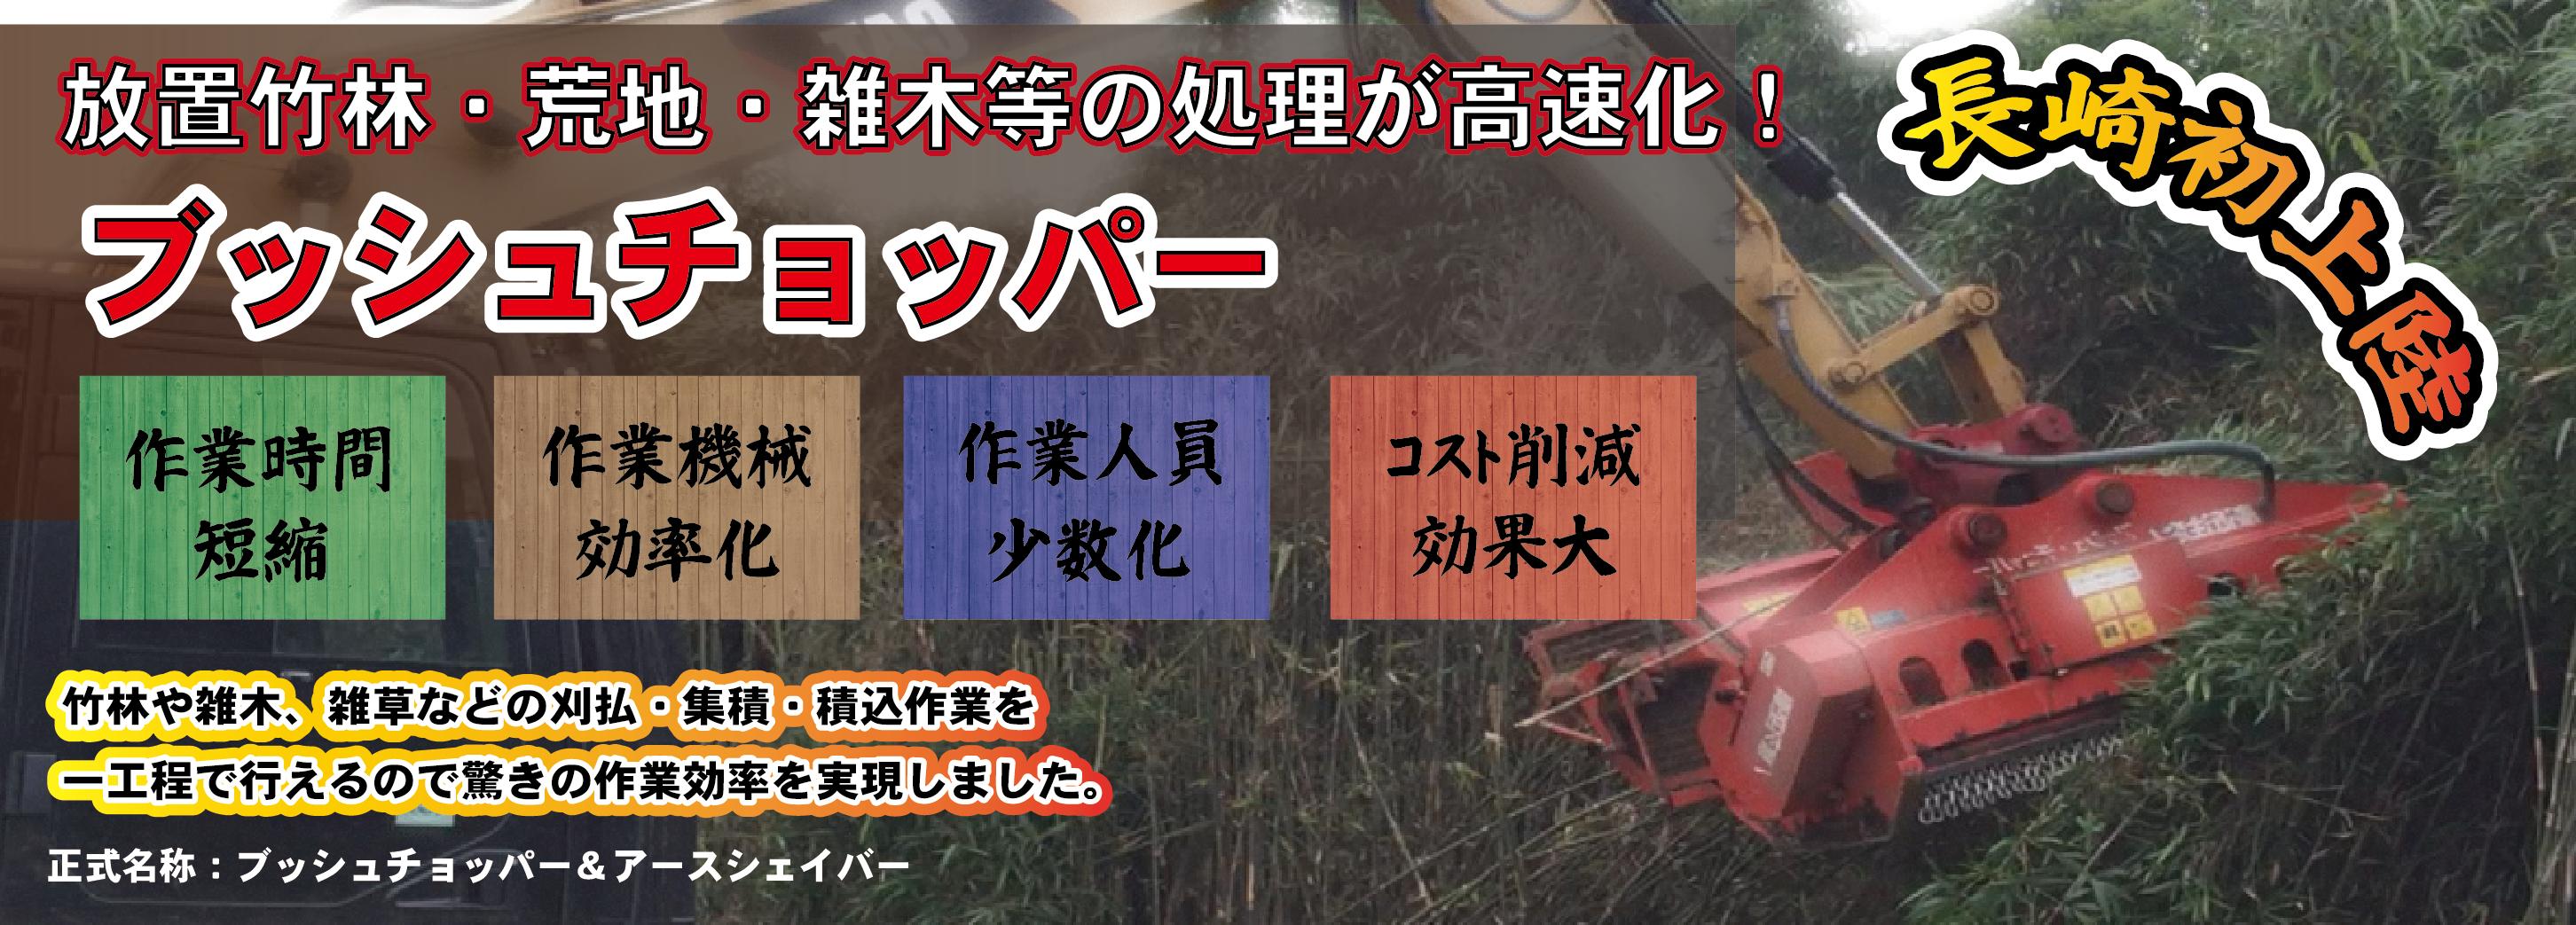 竹林伐採ブッシュチョッパー